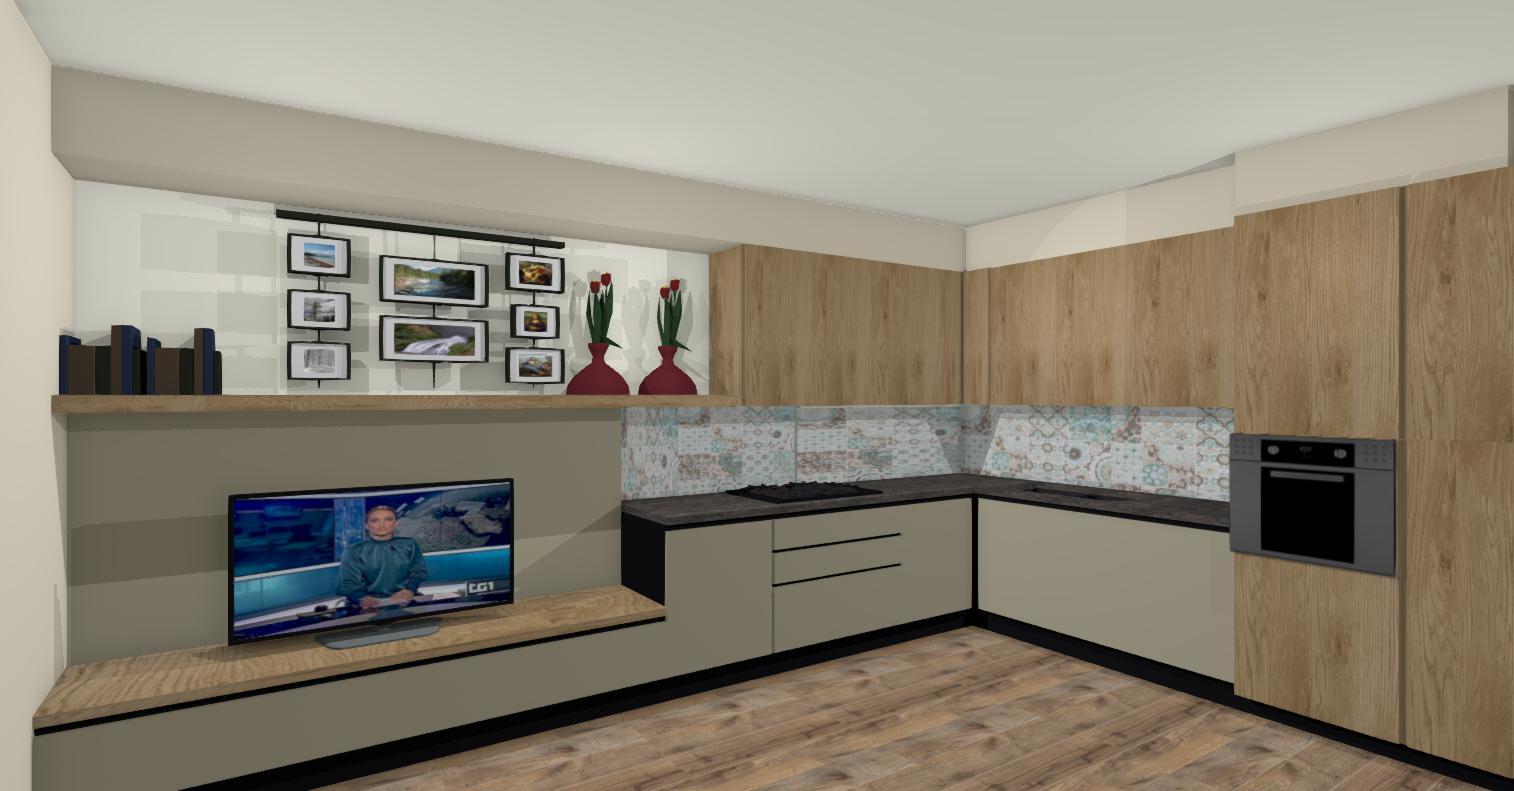 Cucina archivi lineatre arredamenti alberobello - Cappa cucina senza canna fumaria ...